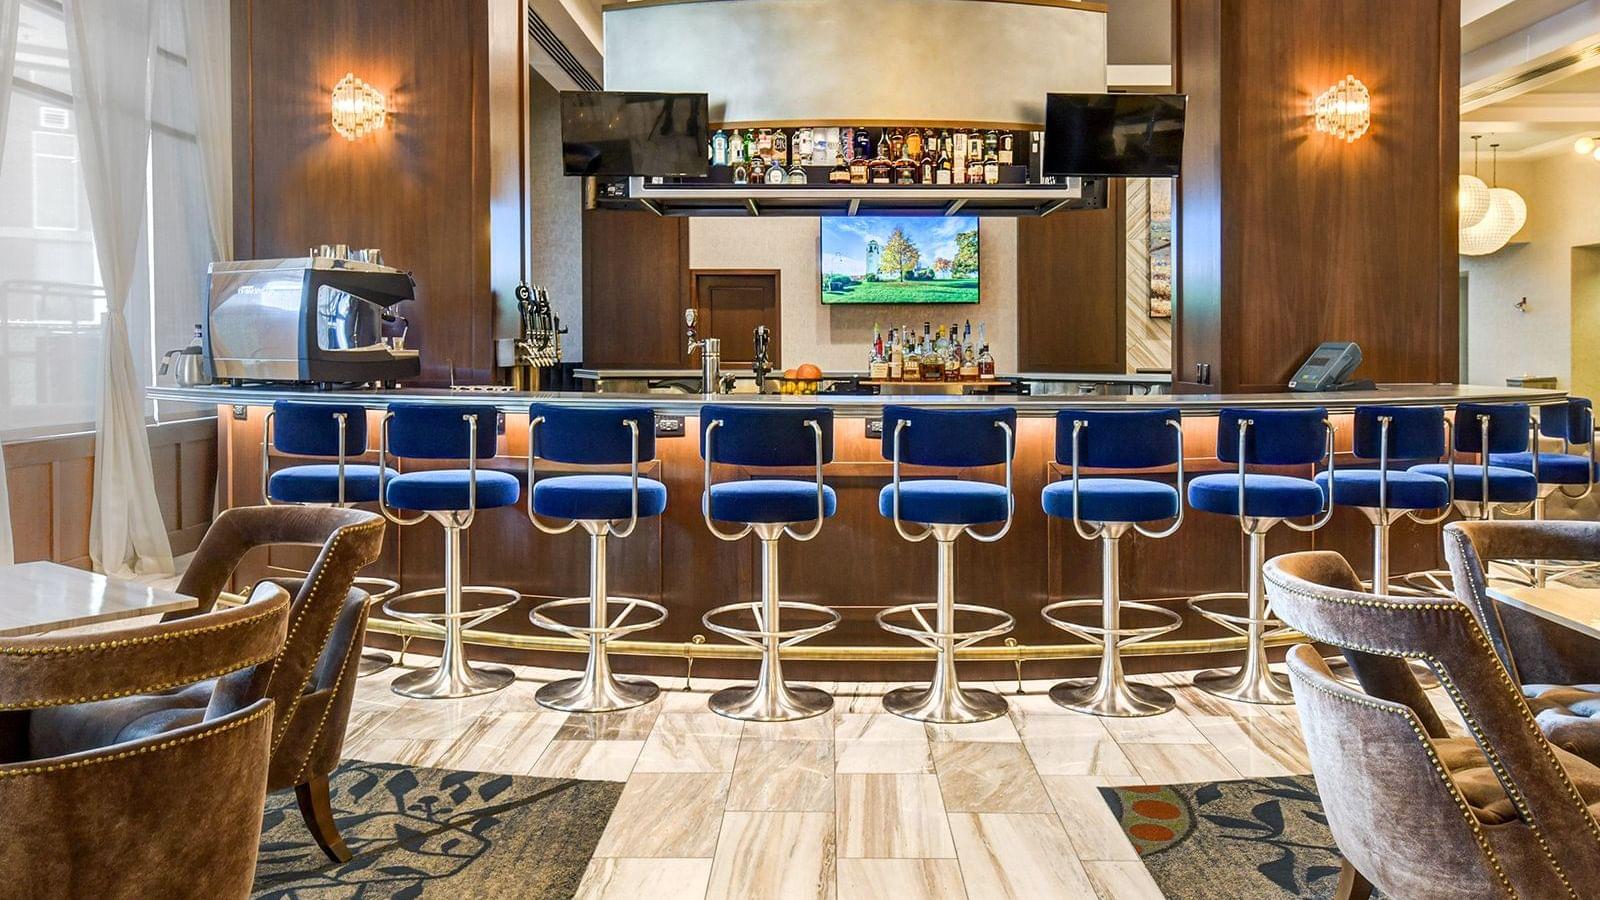 a row of bar stools at a bar